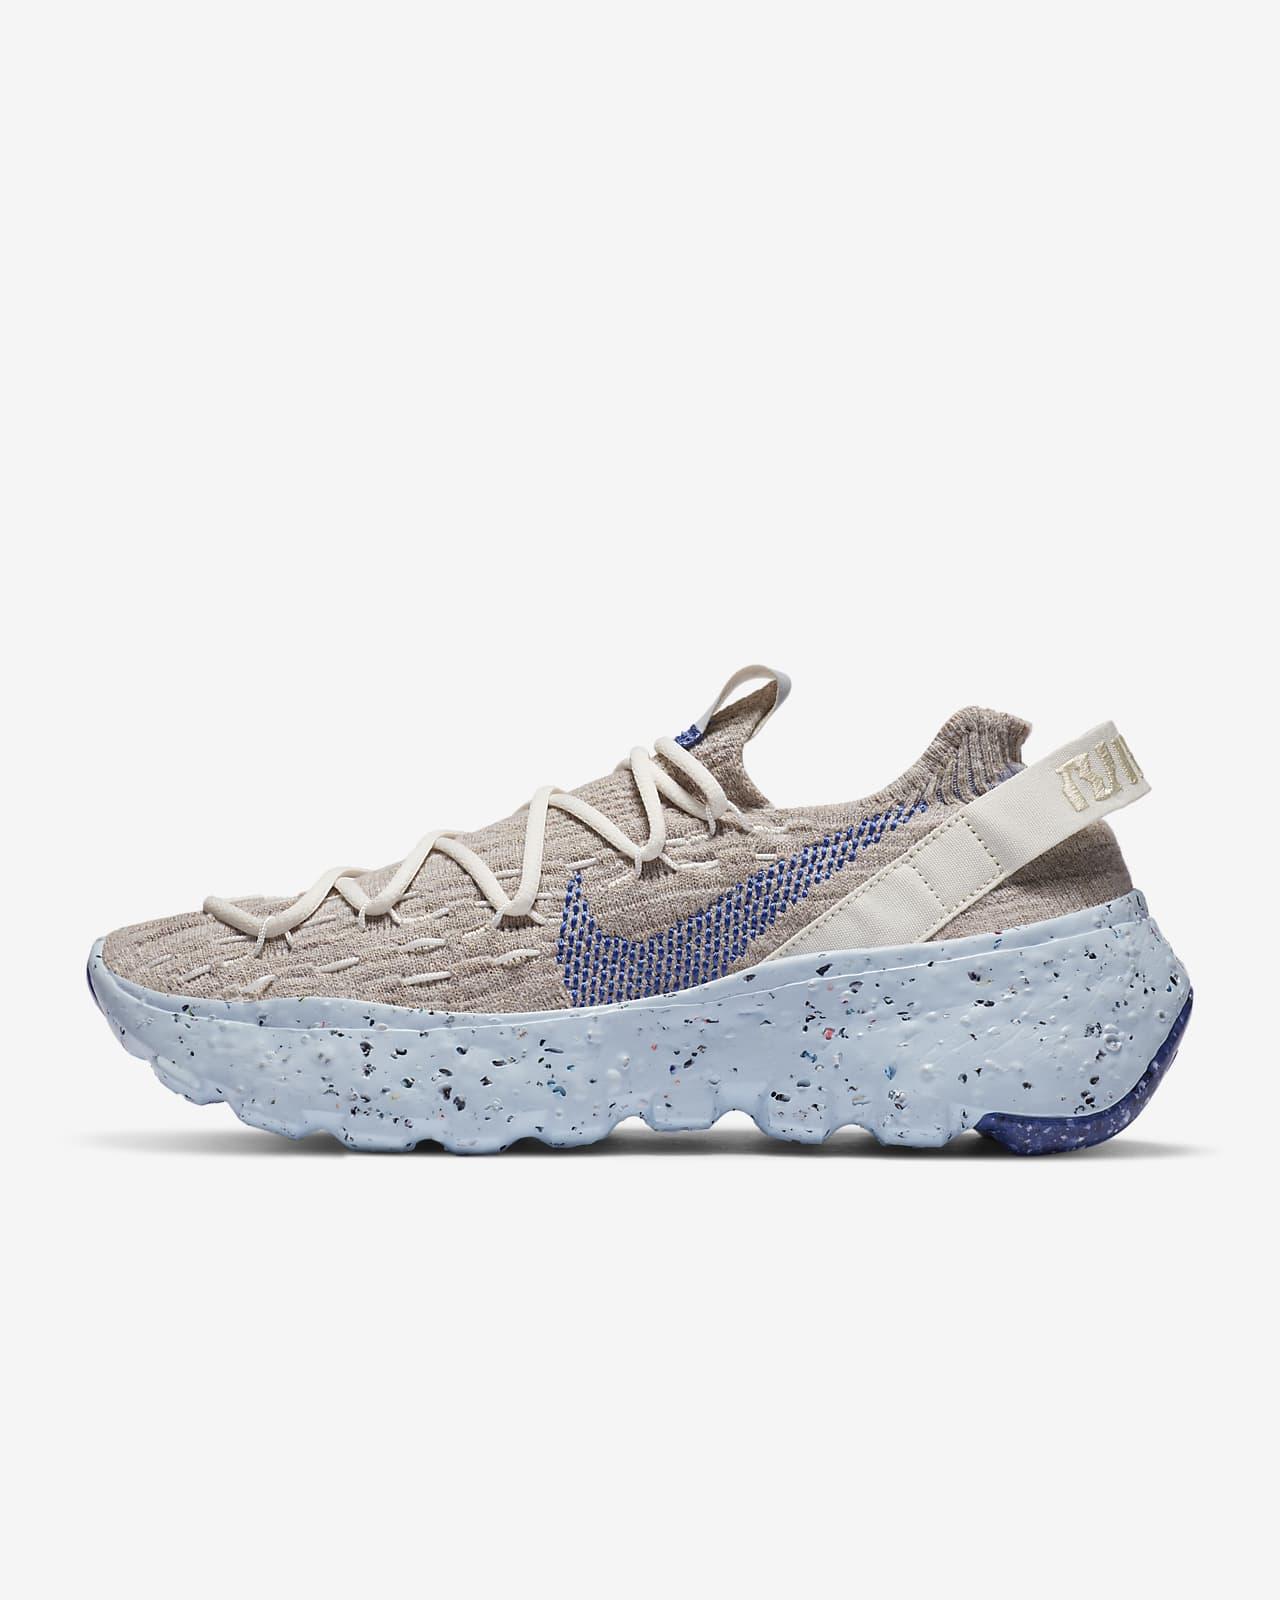 Buty damskie Nike Space Hippie 04